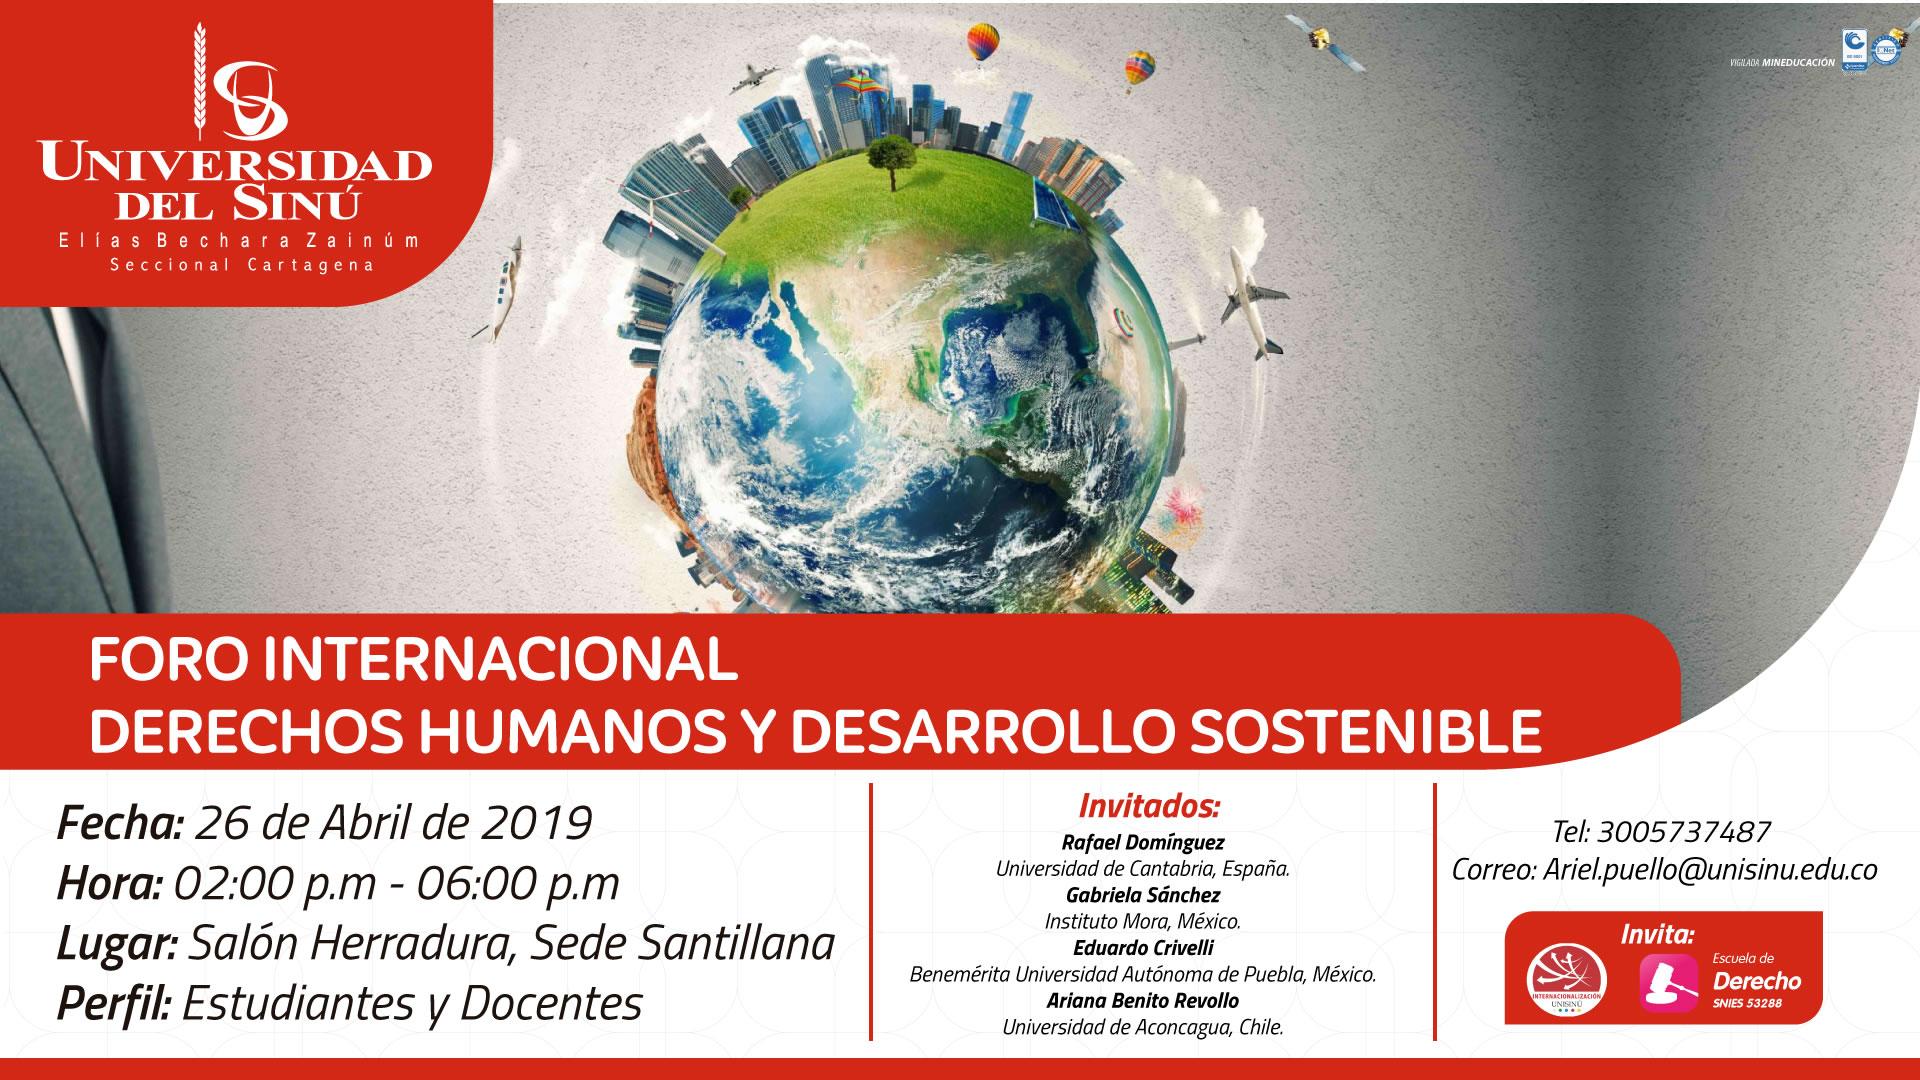 FORO-DERECHOS-HUMA2NOS-Y-DESARROLLO-SOSTENIBLE